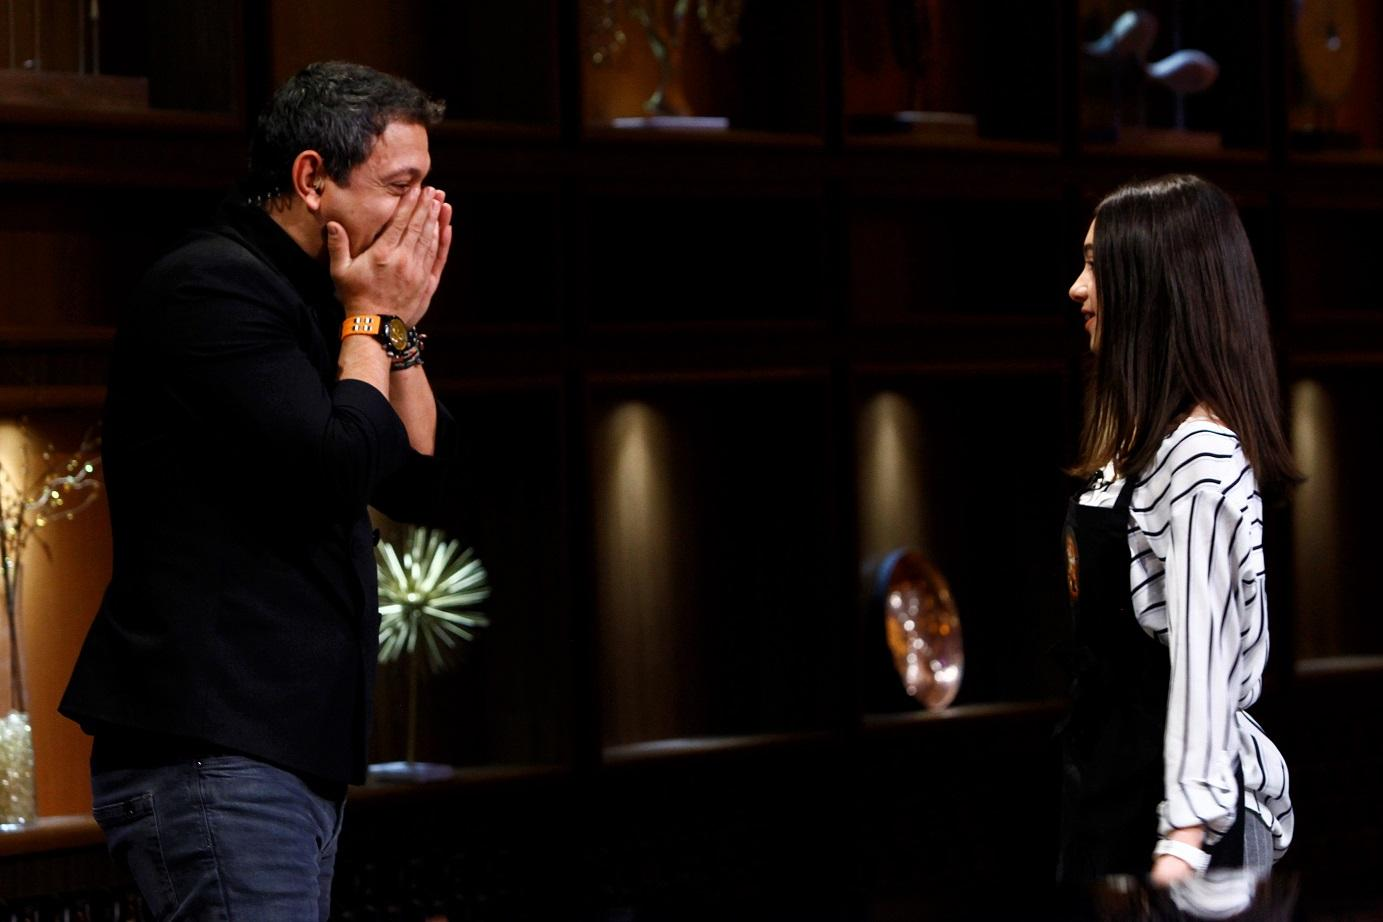 """Fiica lui Sorin Bontea face spectacol la """"Chefi la cuțite""""! Tânăra îi pregătește o surpriză uriașă, chiar de ziua lui"""